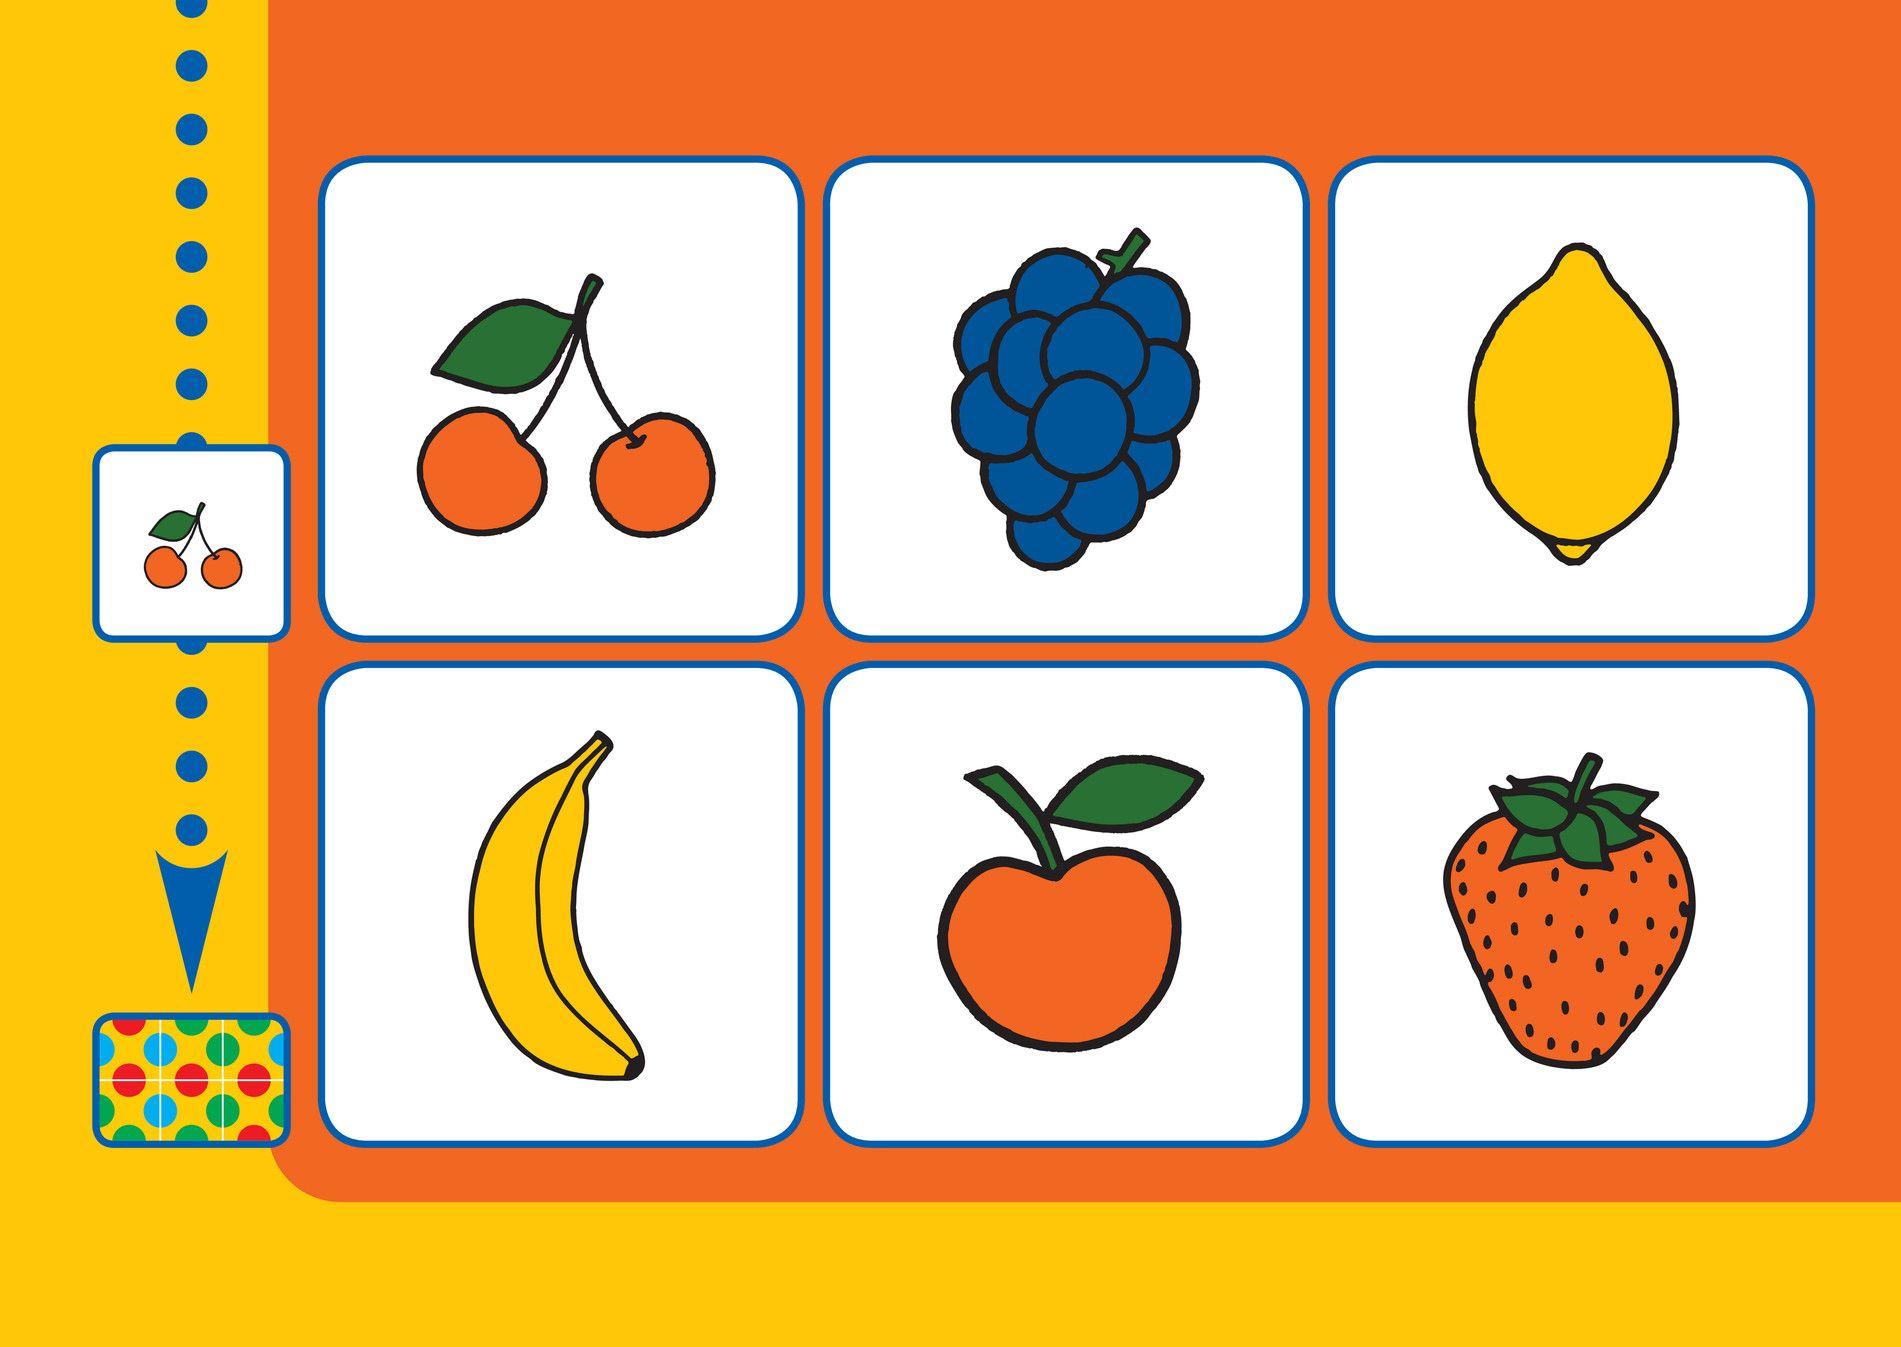 Noordhoff Basisonderwijs Bambino Loco Voorbeeldboekje Pagina 18 19 Basisonderwijs Peuter Leren Thema